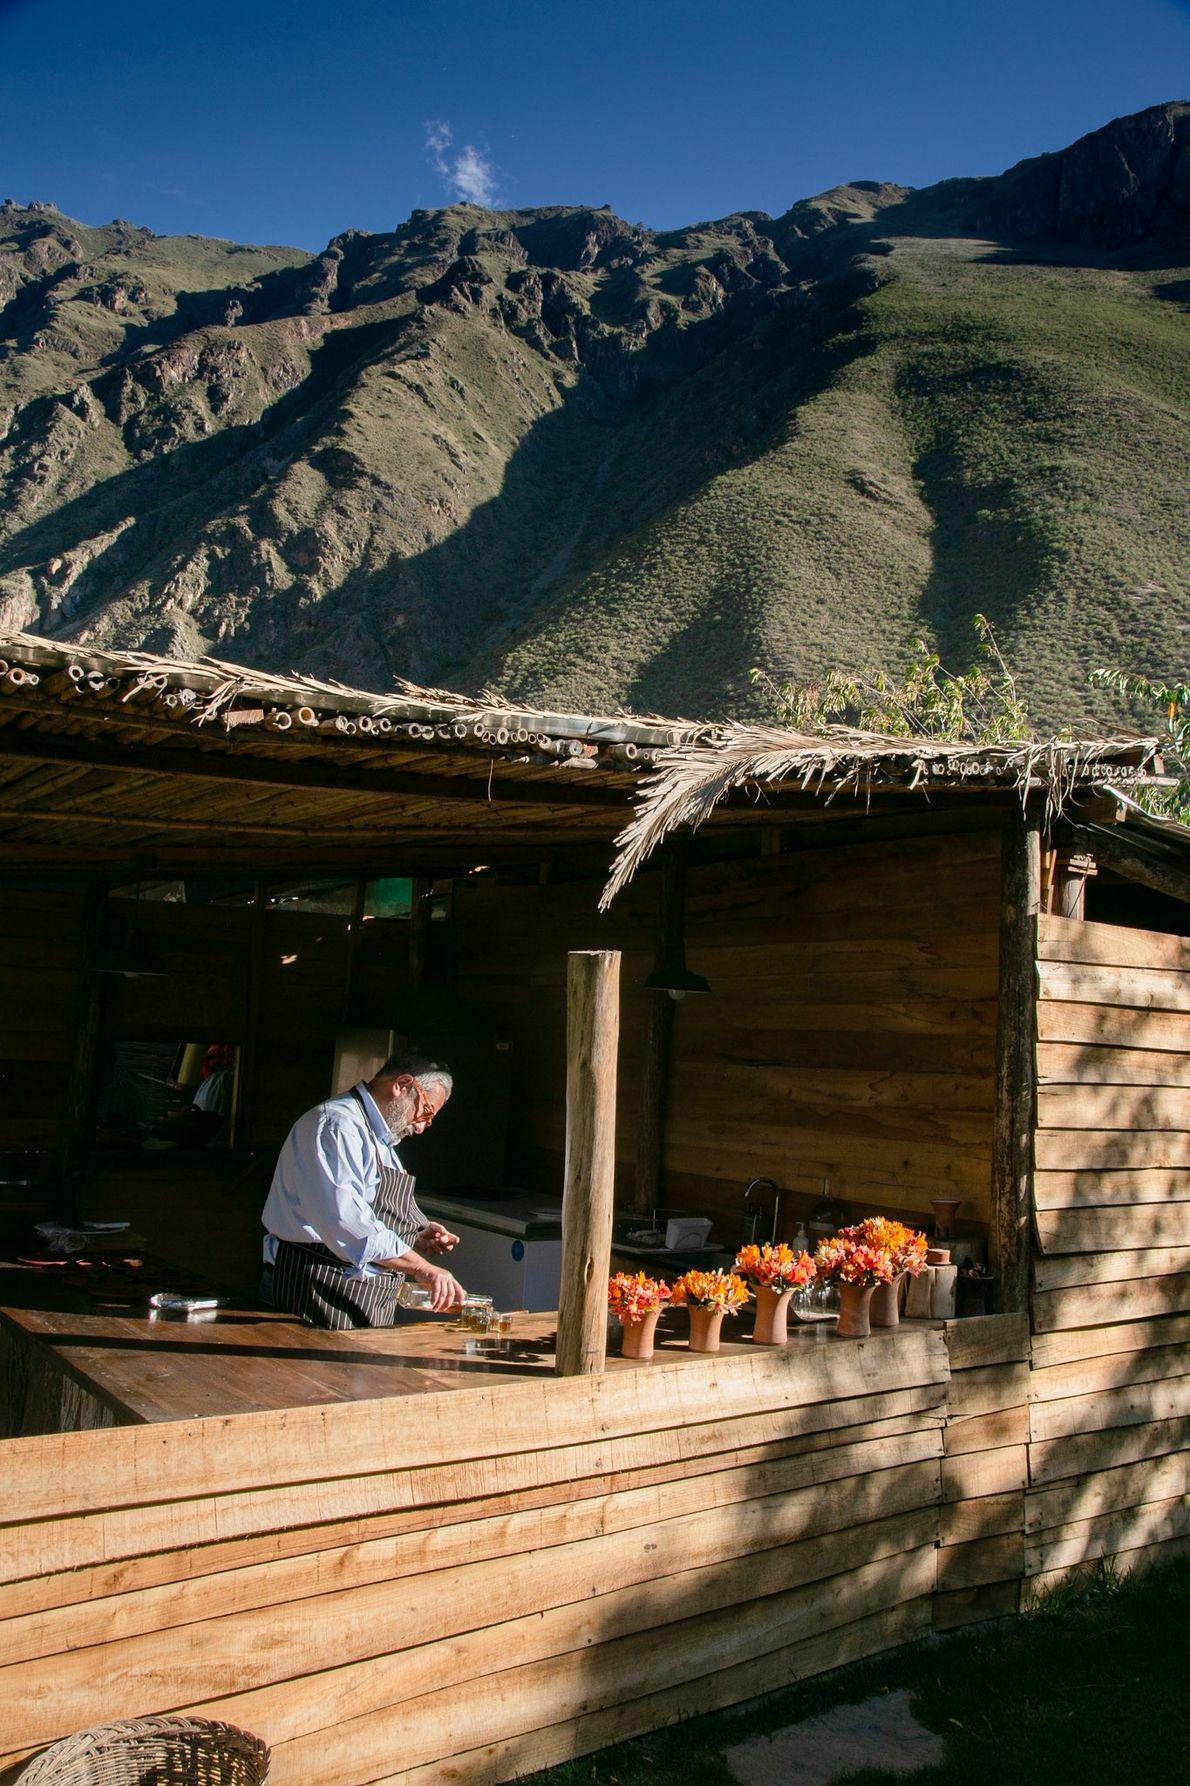 Almoço é servido no jardim de El Albergue, em Ollantaytambo.